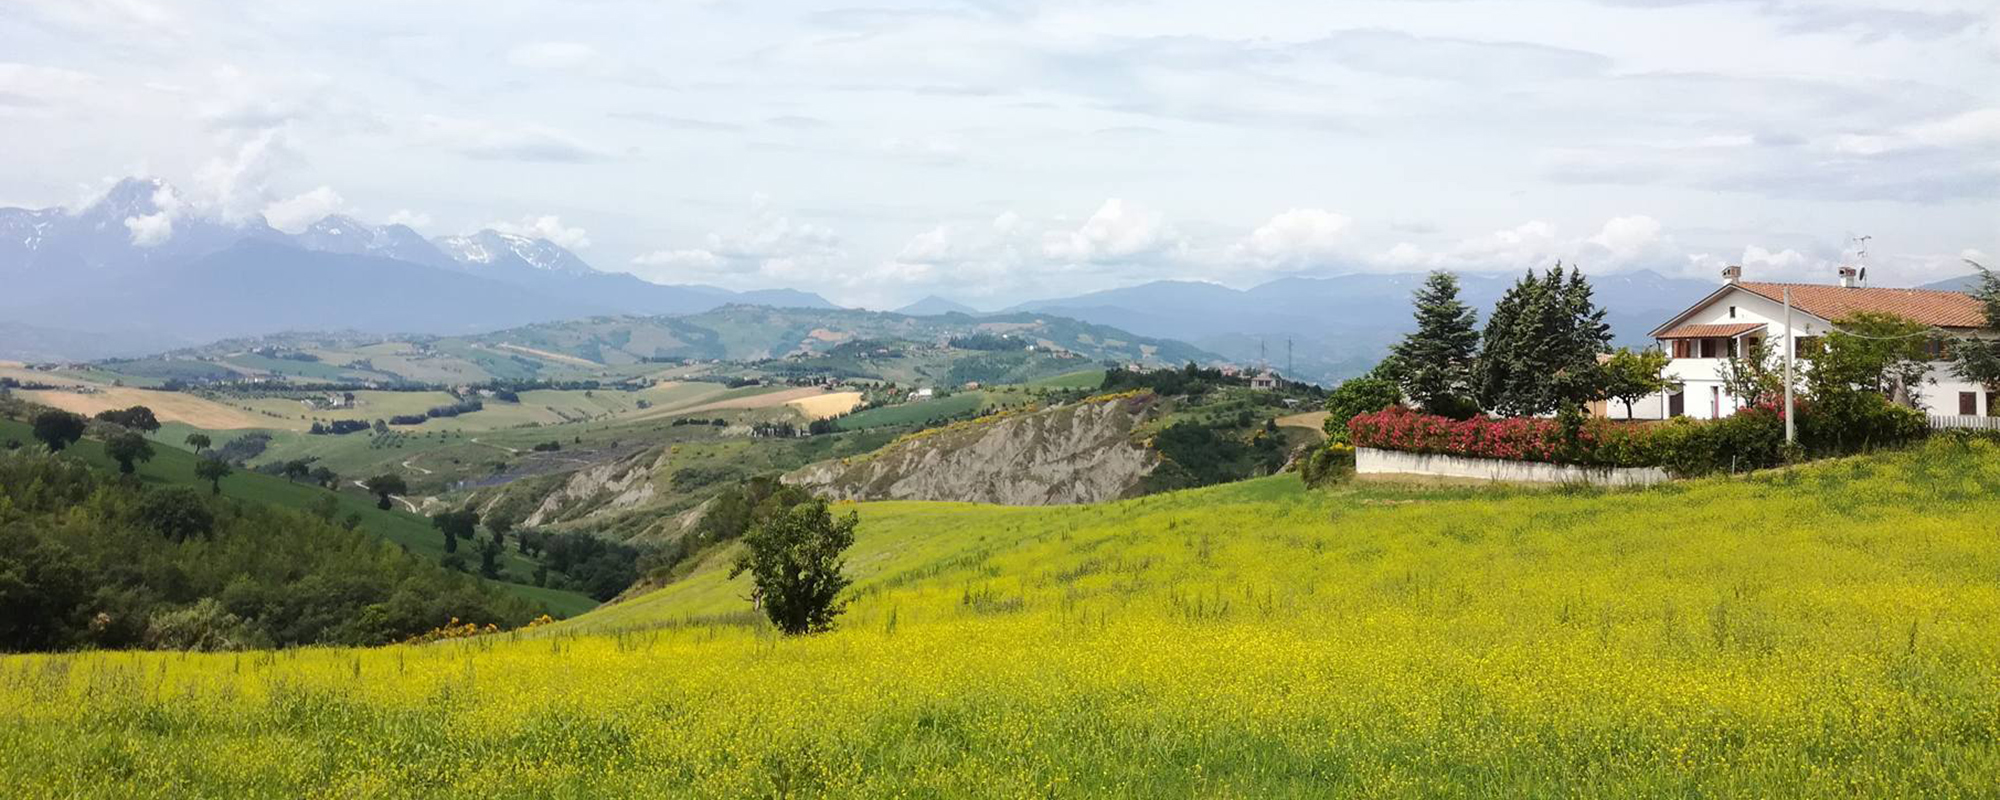 Bed & Breakfast Casa Amrita Italy Abruzzo